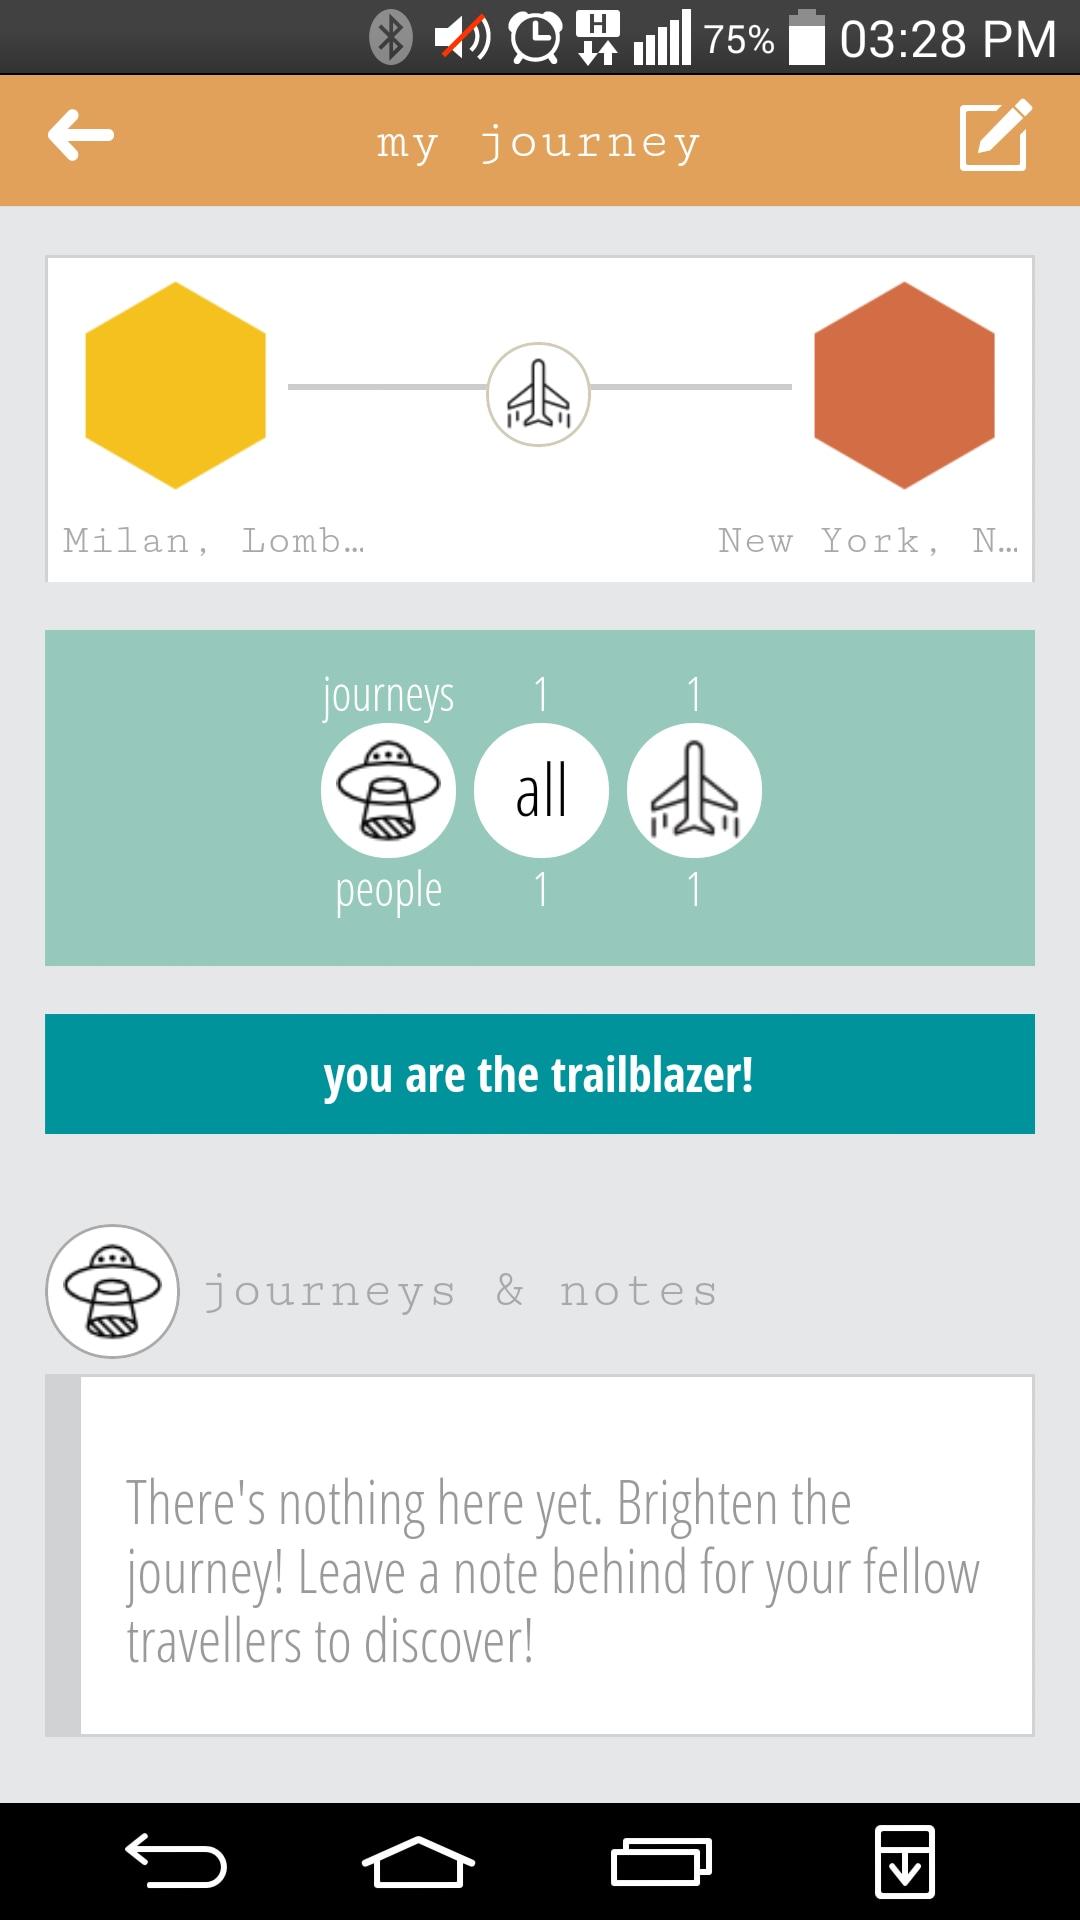 Journeys Amp Notes L App Per I Viaggi Social Secondo